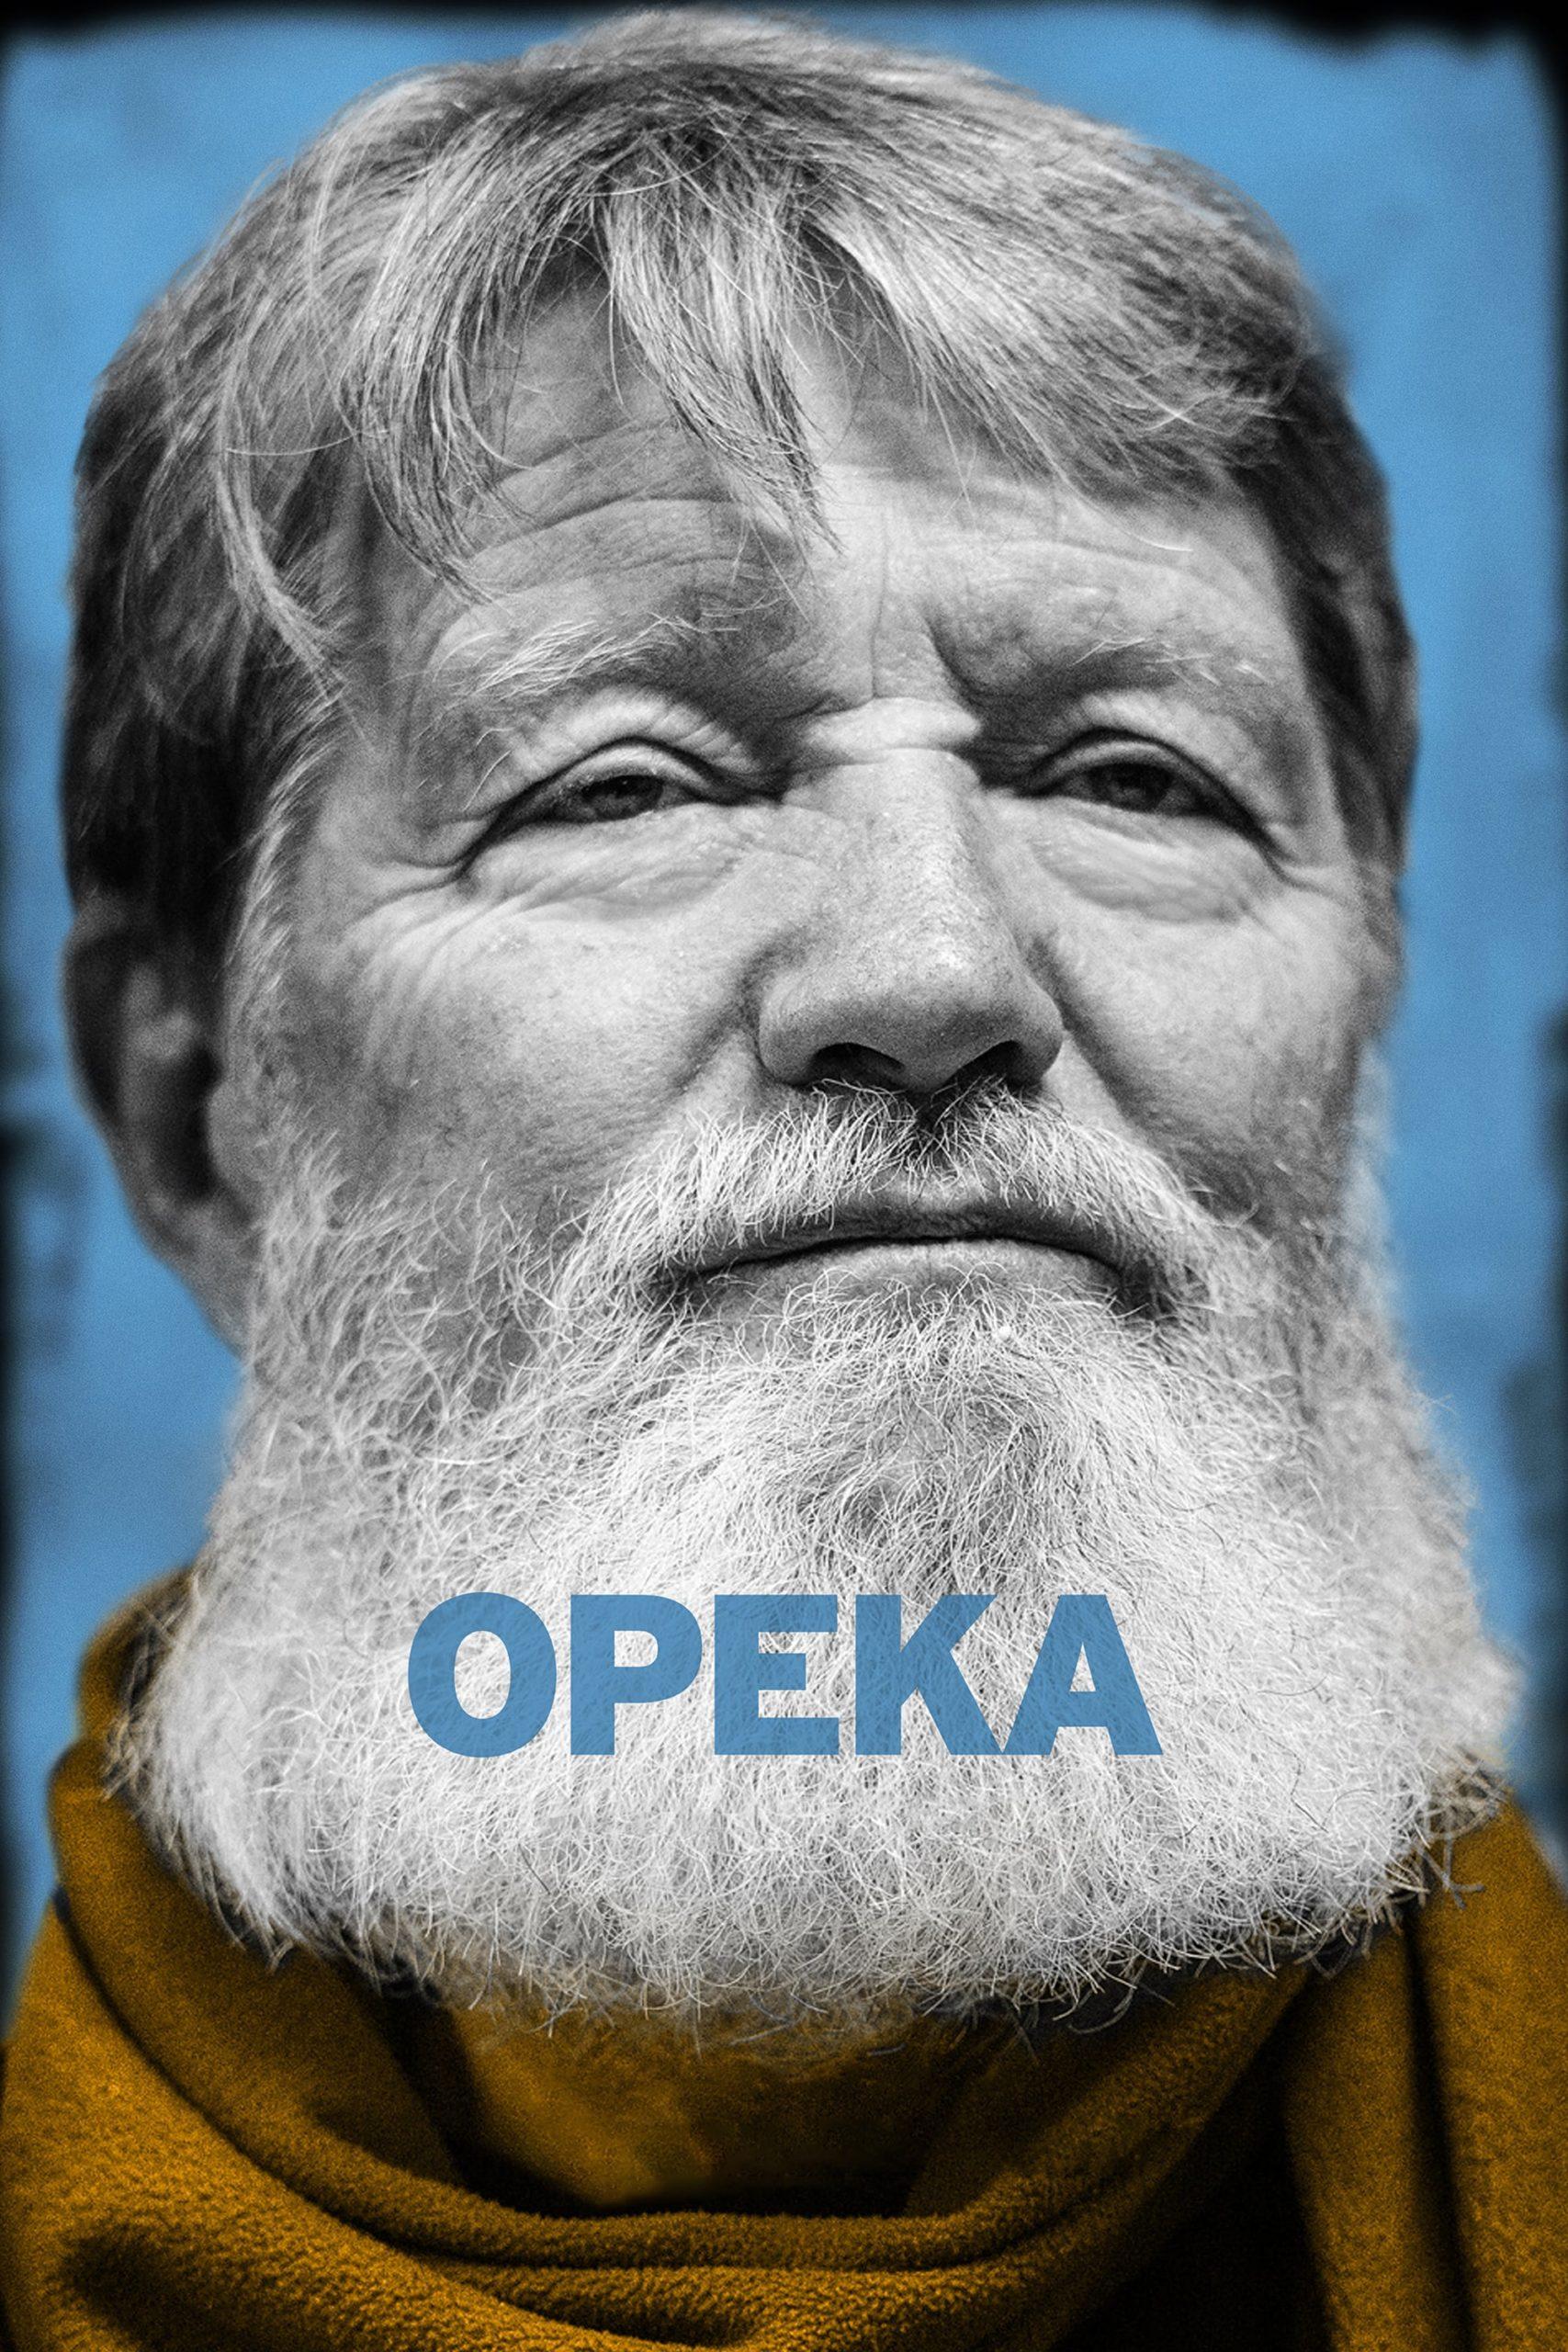 Opeka